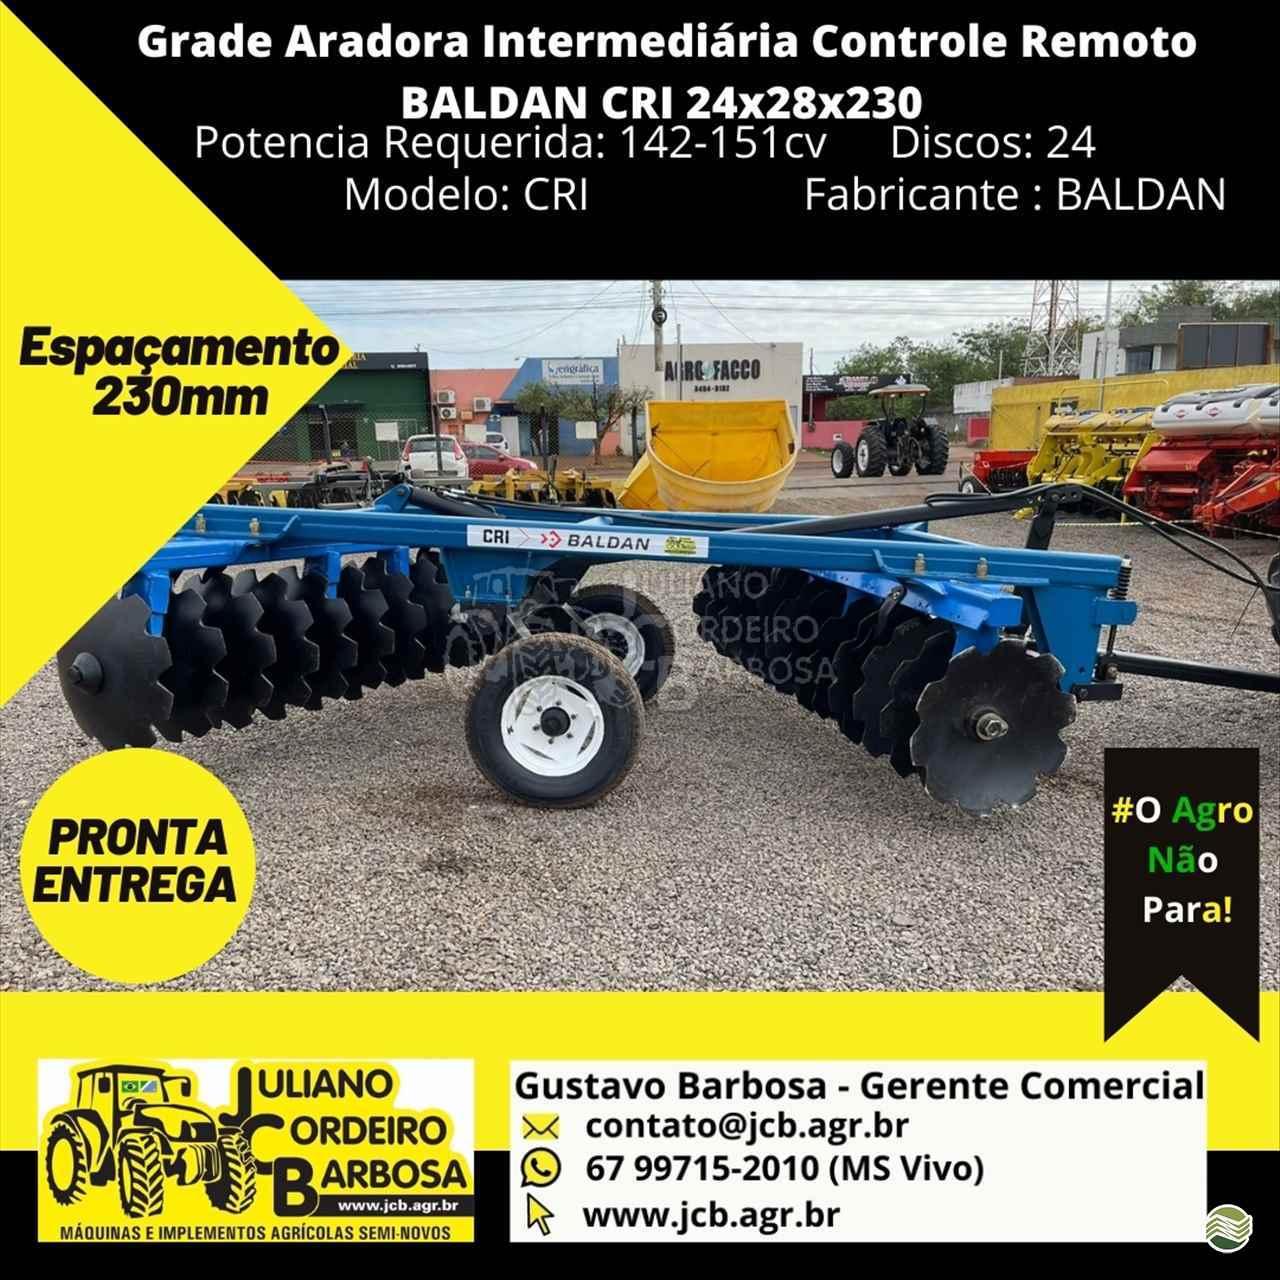 IMPLEMENTOS AGRICOLAS GRADE INTERMEDIÁRIA INTERMEDIÁRIA 24 DISCOS JCB Máquinas e Implementos Agrícolas MARACAJU MATO GROSSO DO SUL MS